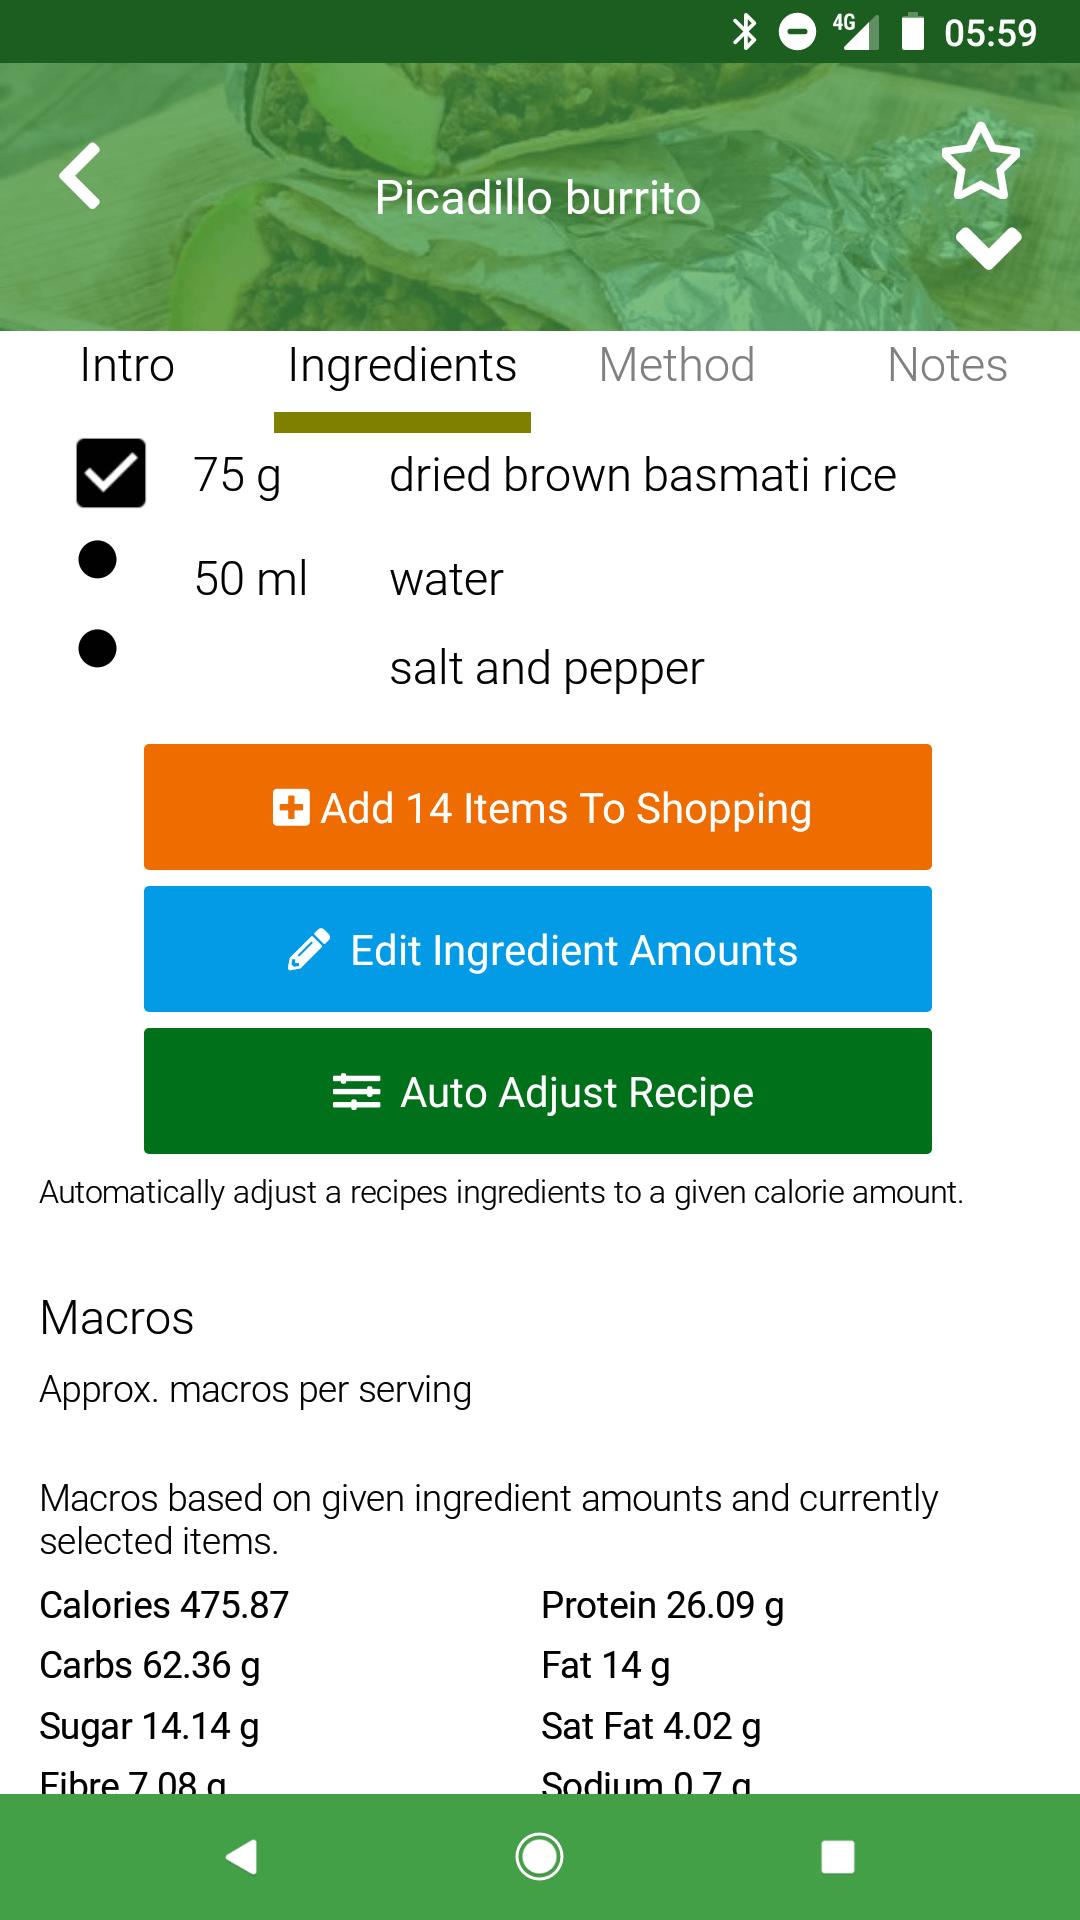 Auto Adjust Feature